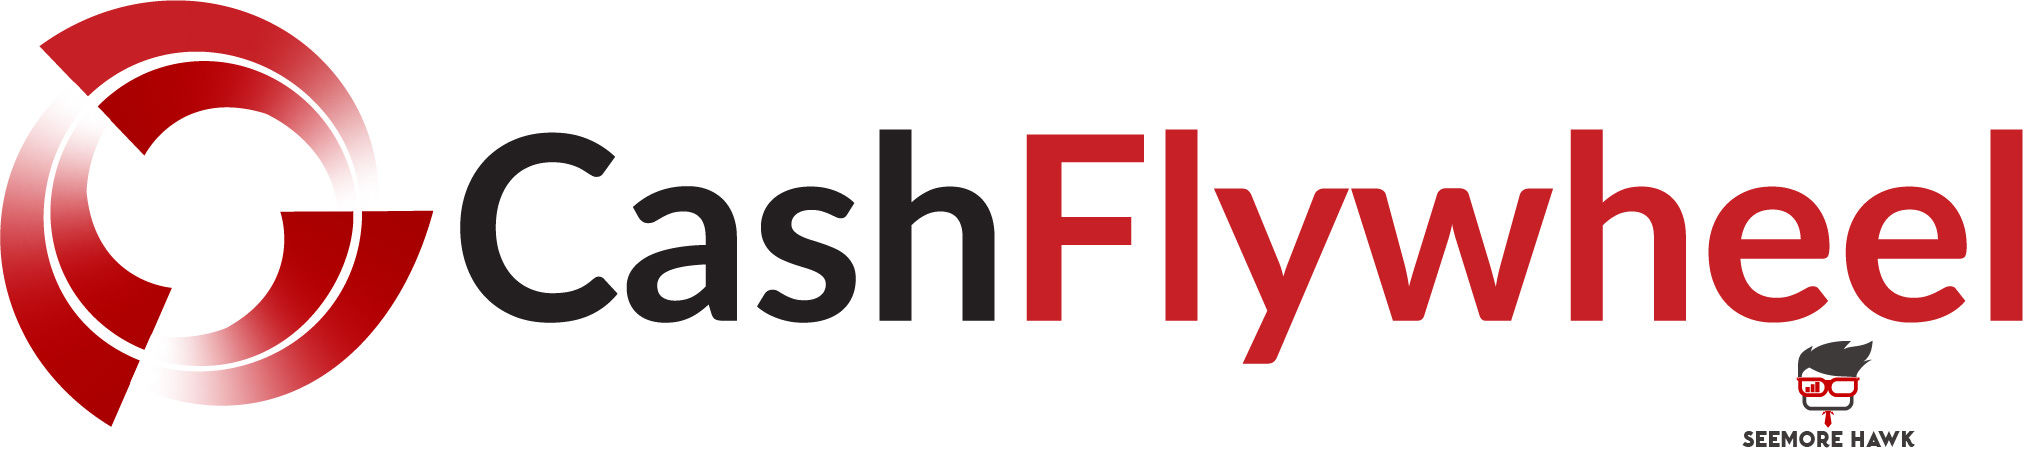 Cash Flywheel logo.jpg